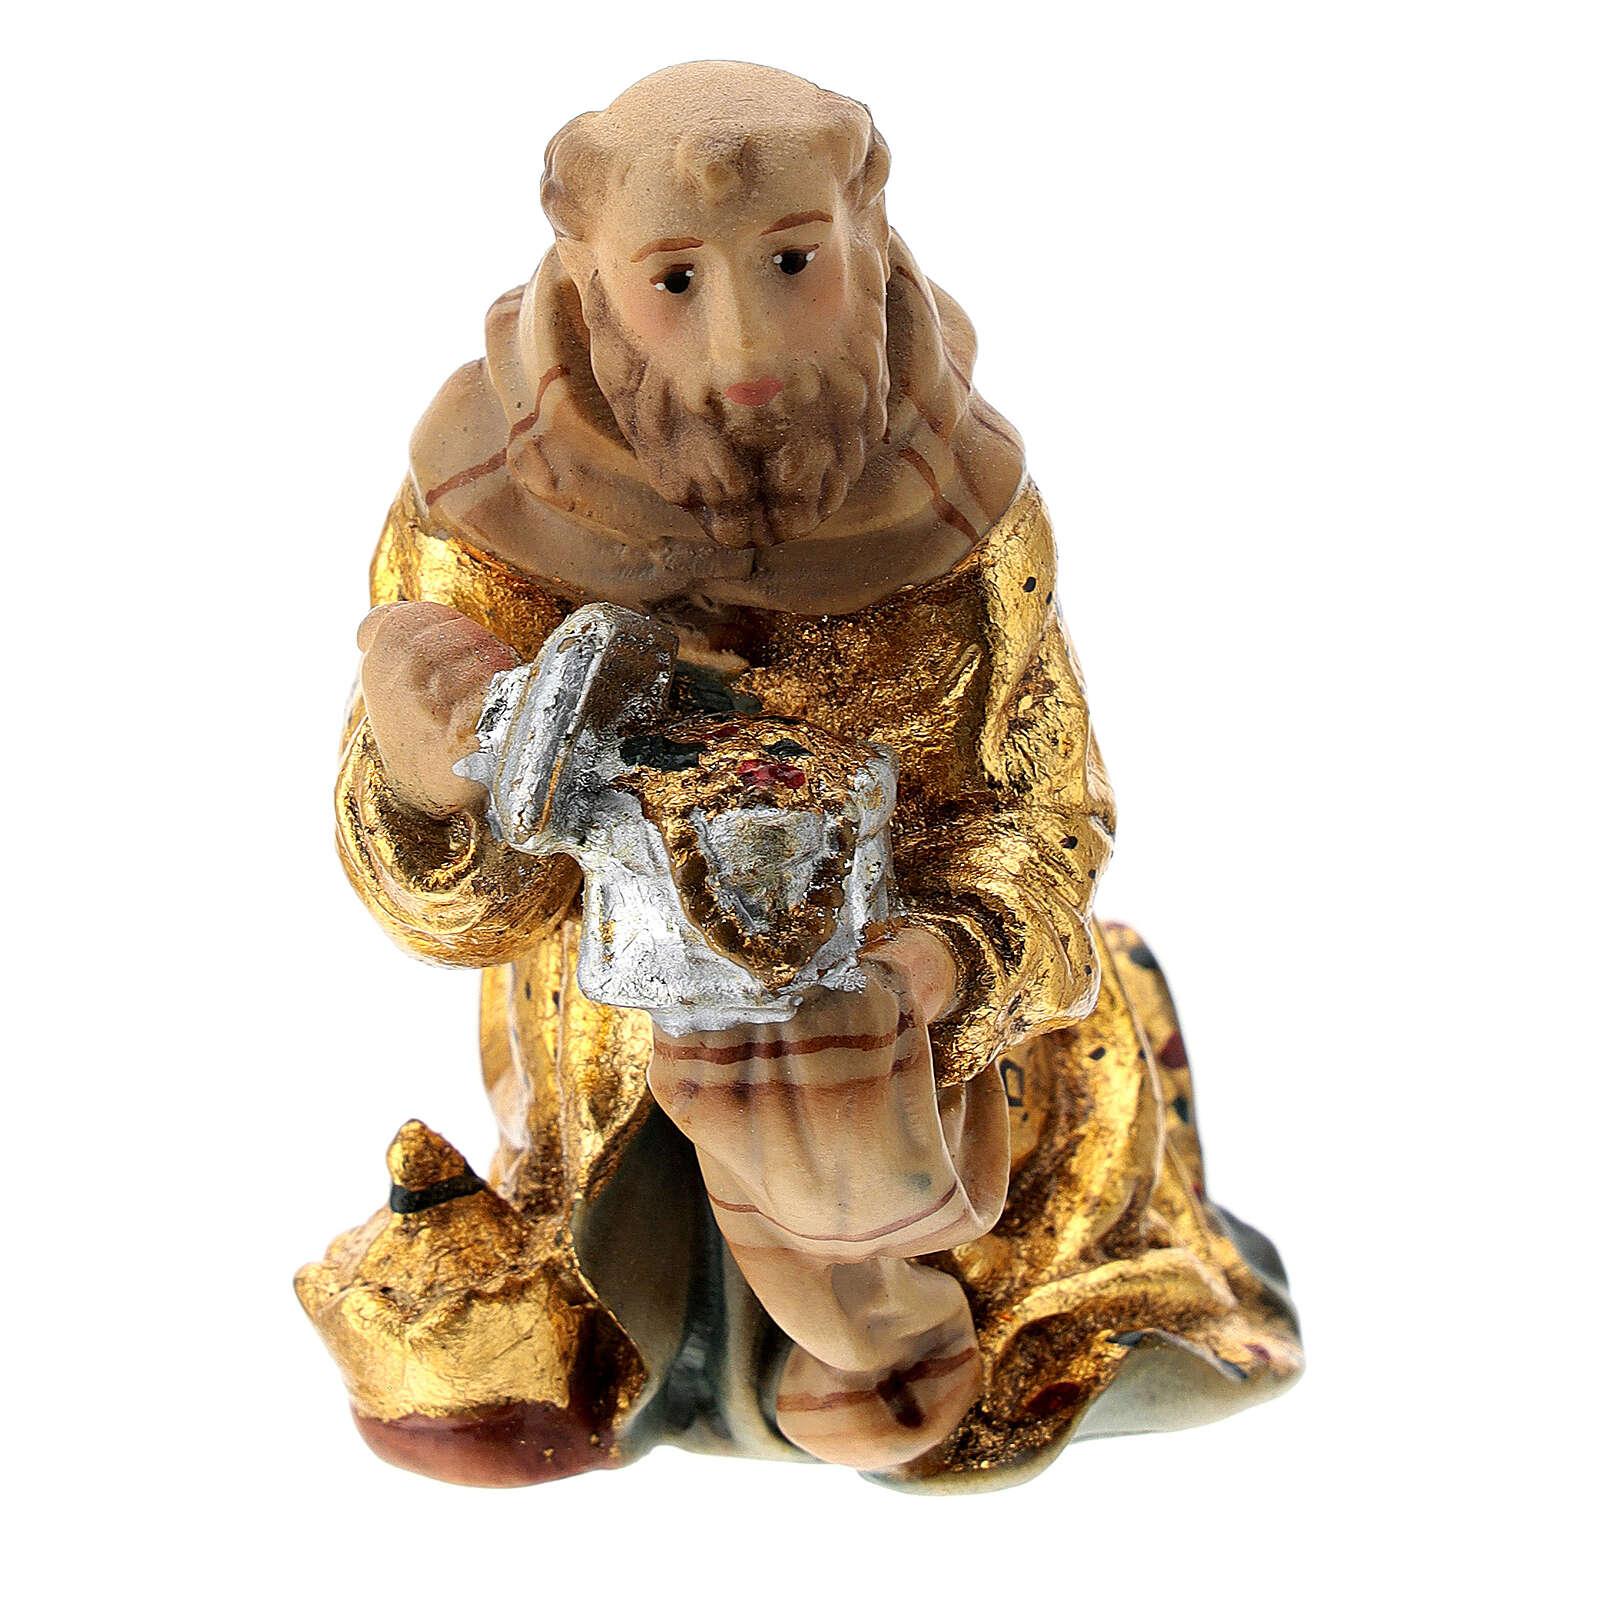 Roi Mage à genoux crèche Mathieu Val Gardena 12 cm bois